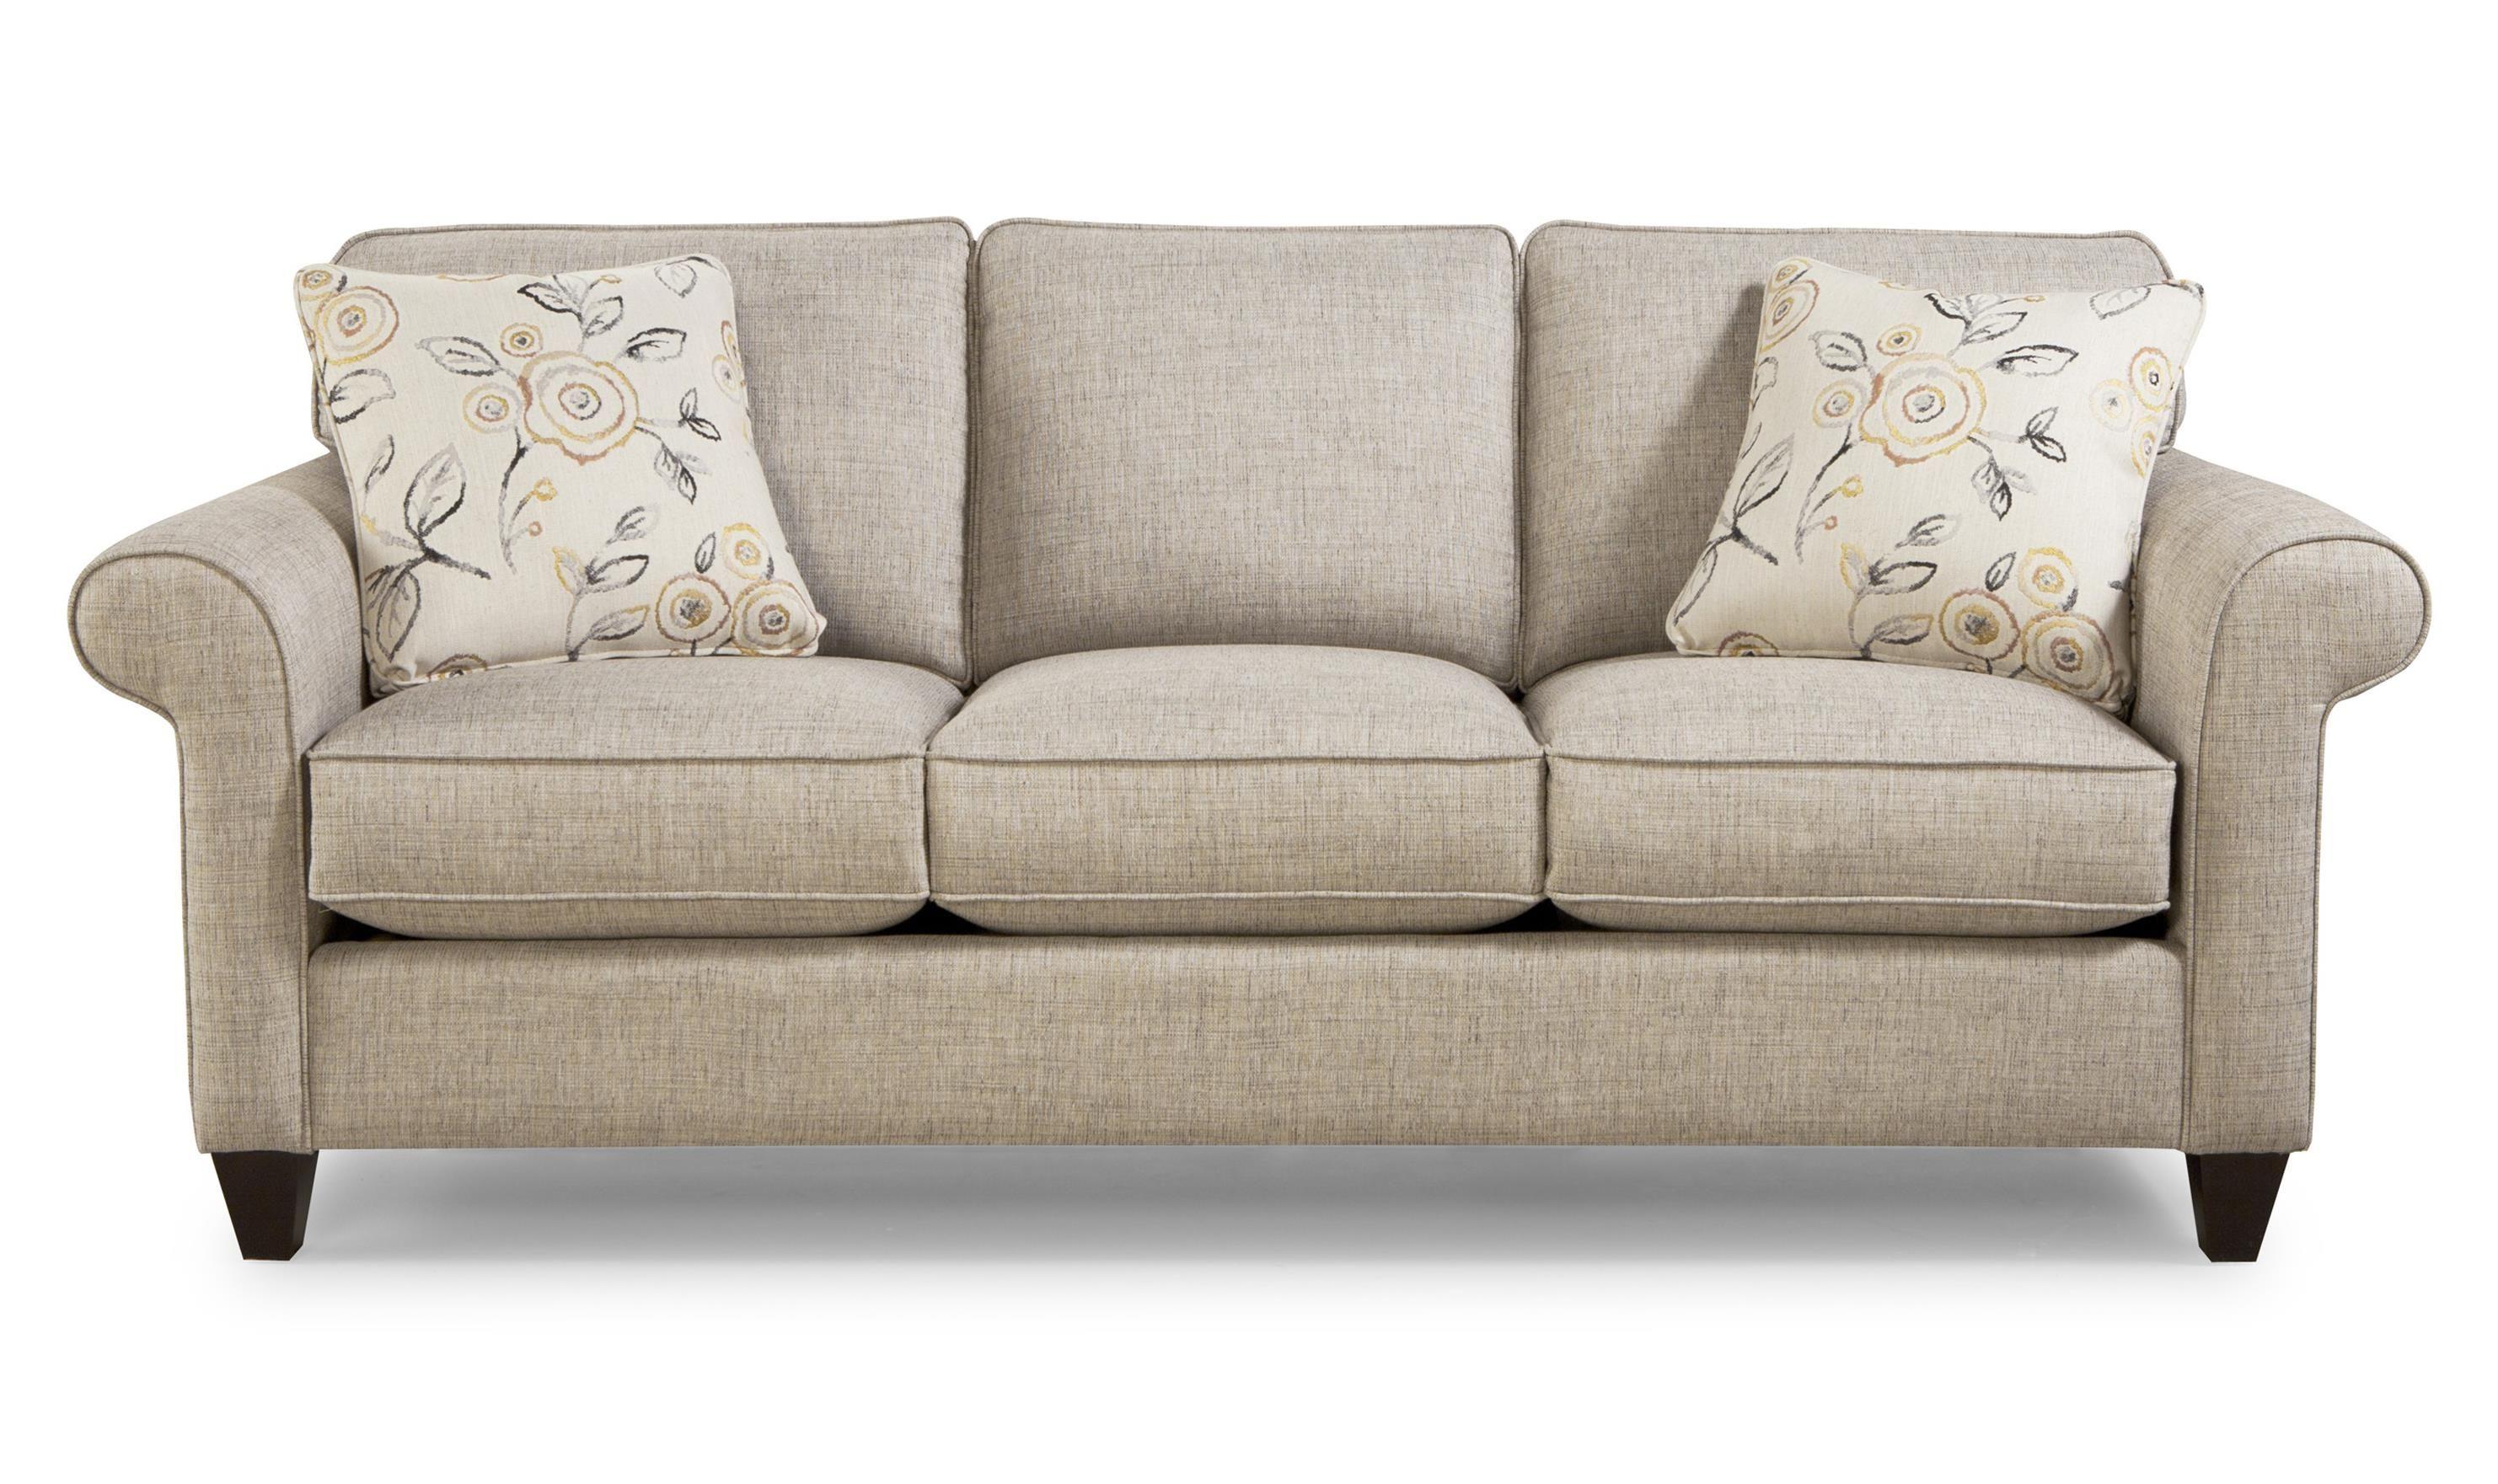 Sofa by Craftmaster Casa di Gravasso